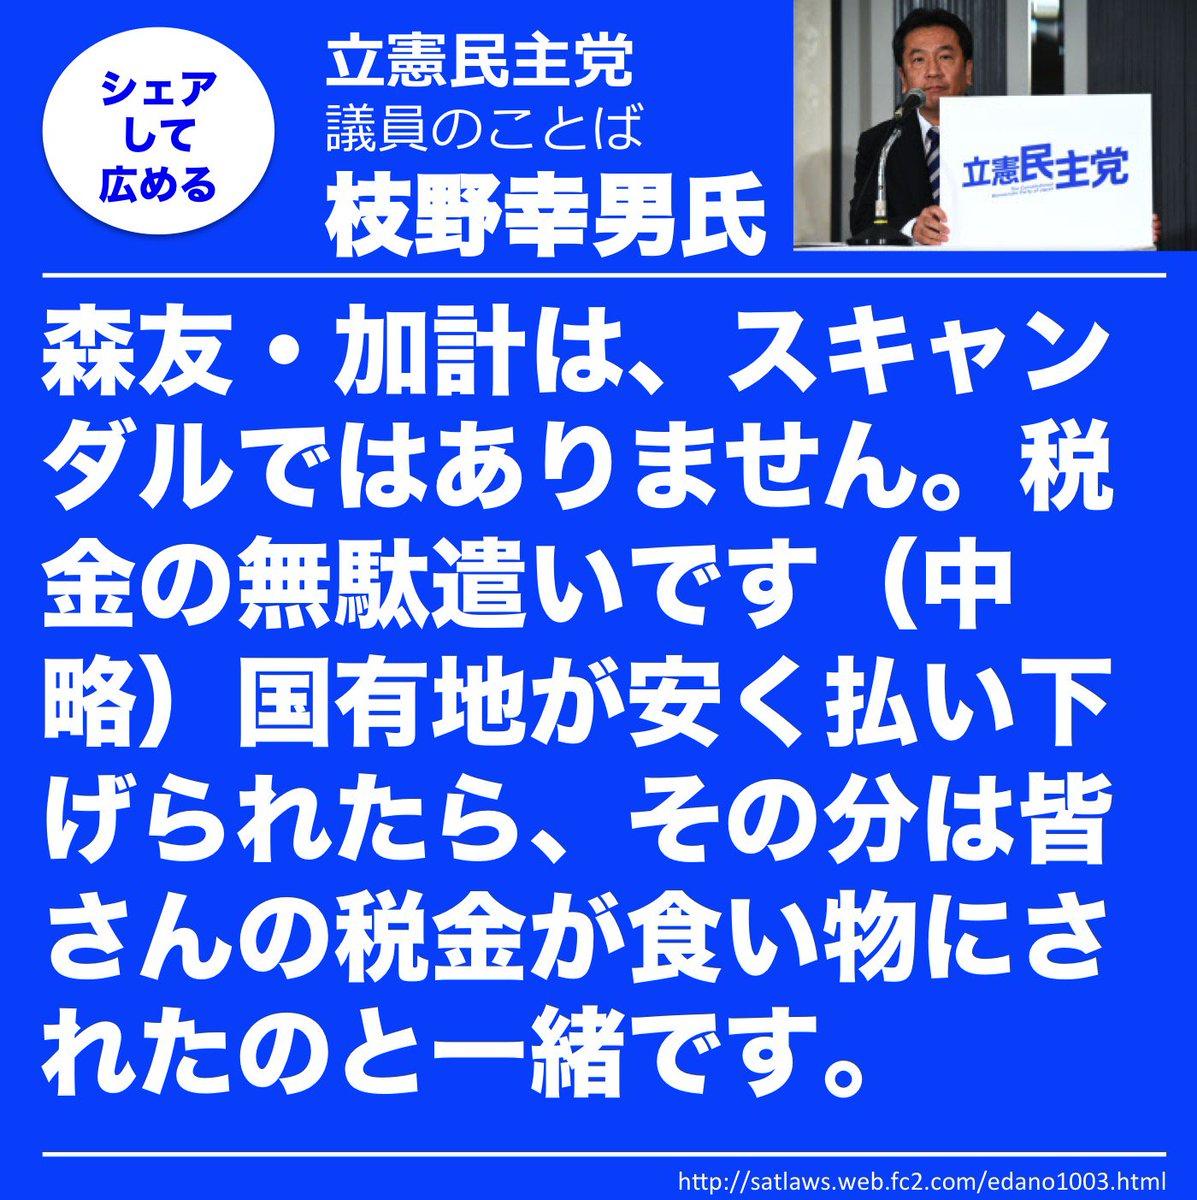 枝野さんの言葉に感動したので、会社に行く前に画像にしました。連投します。 #枝野立つ #立憲民主党 #街頭演説 @CDP2017